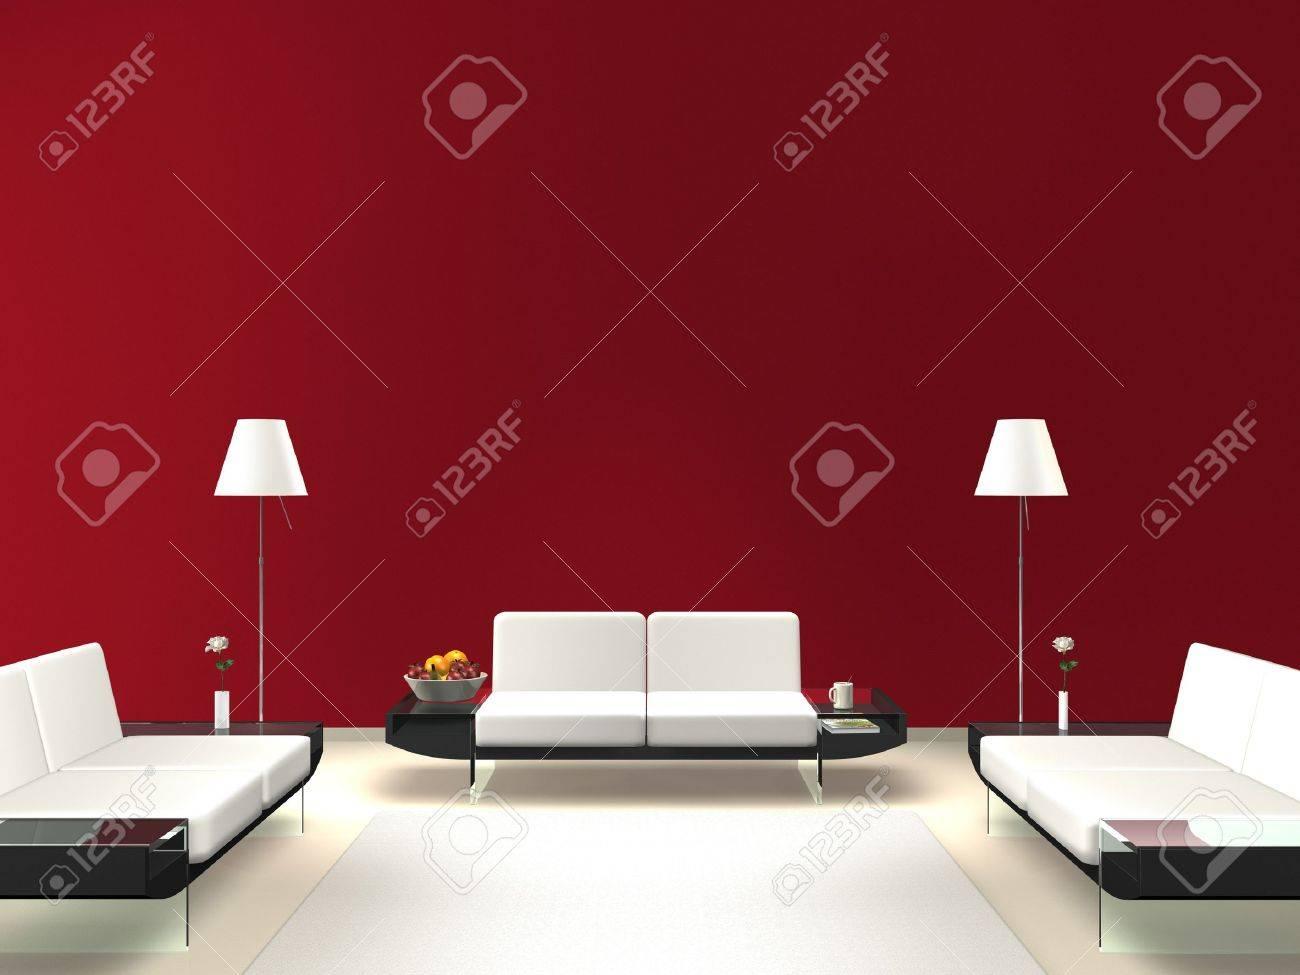 Moderne lounge met rode muur royalty vrije foto, plaatjes, beelden ...